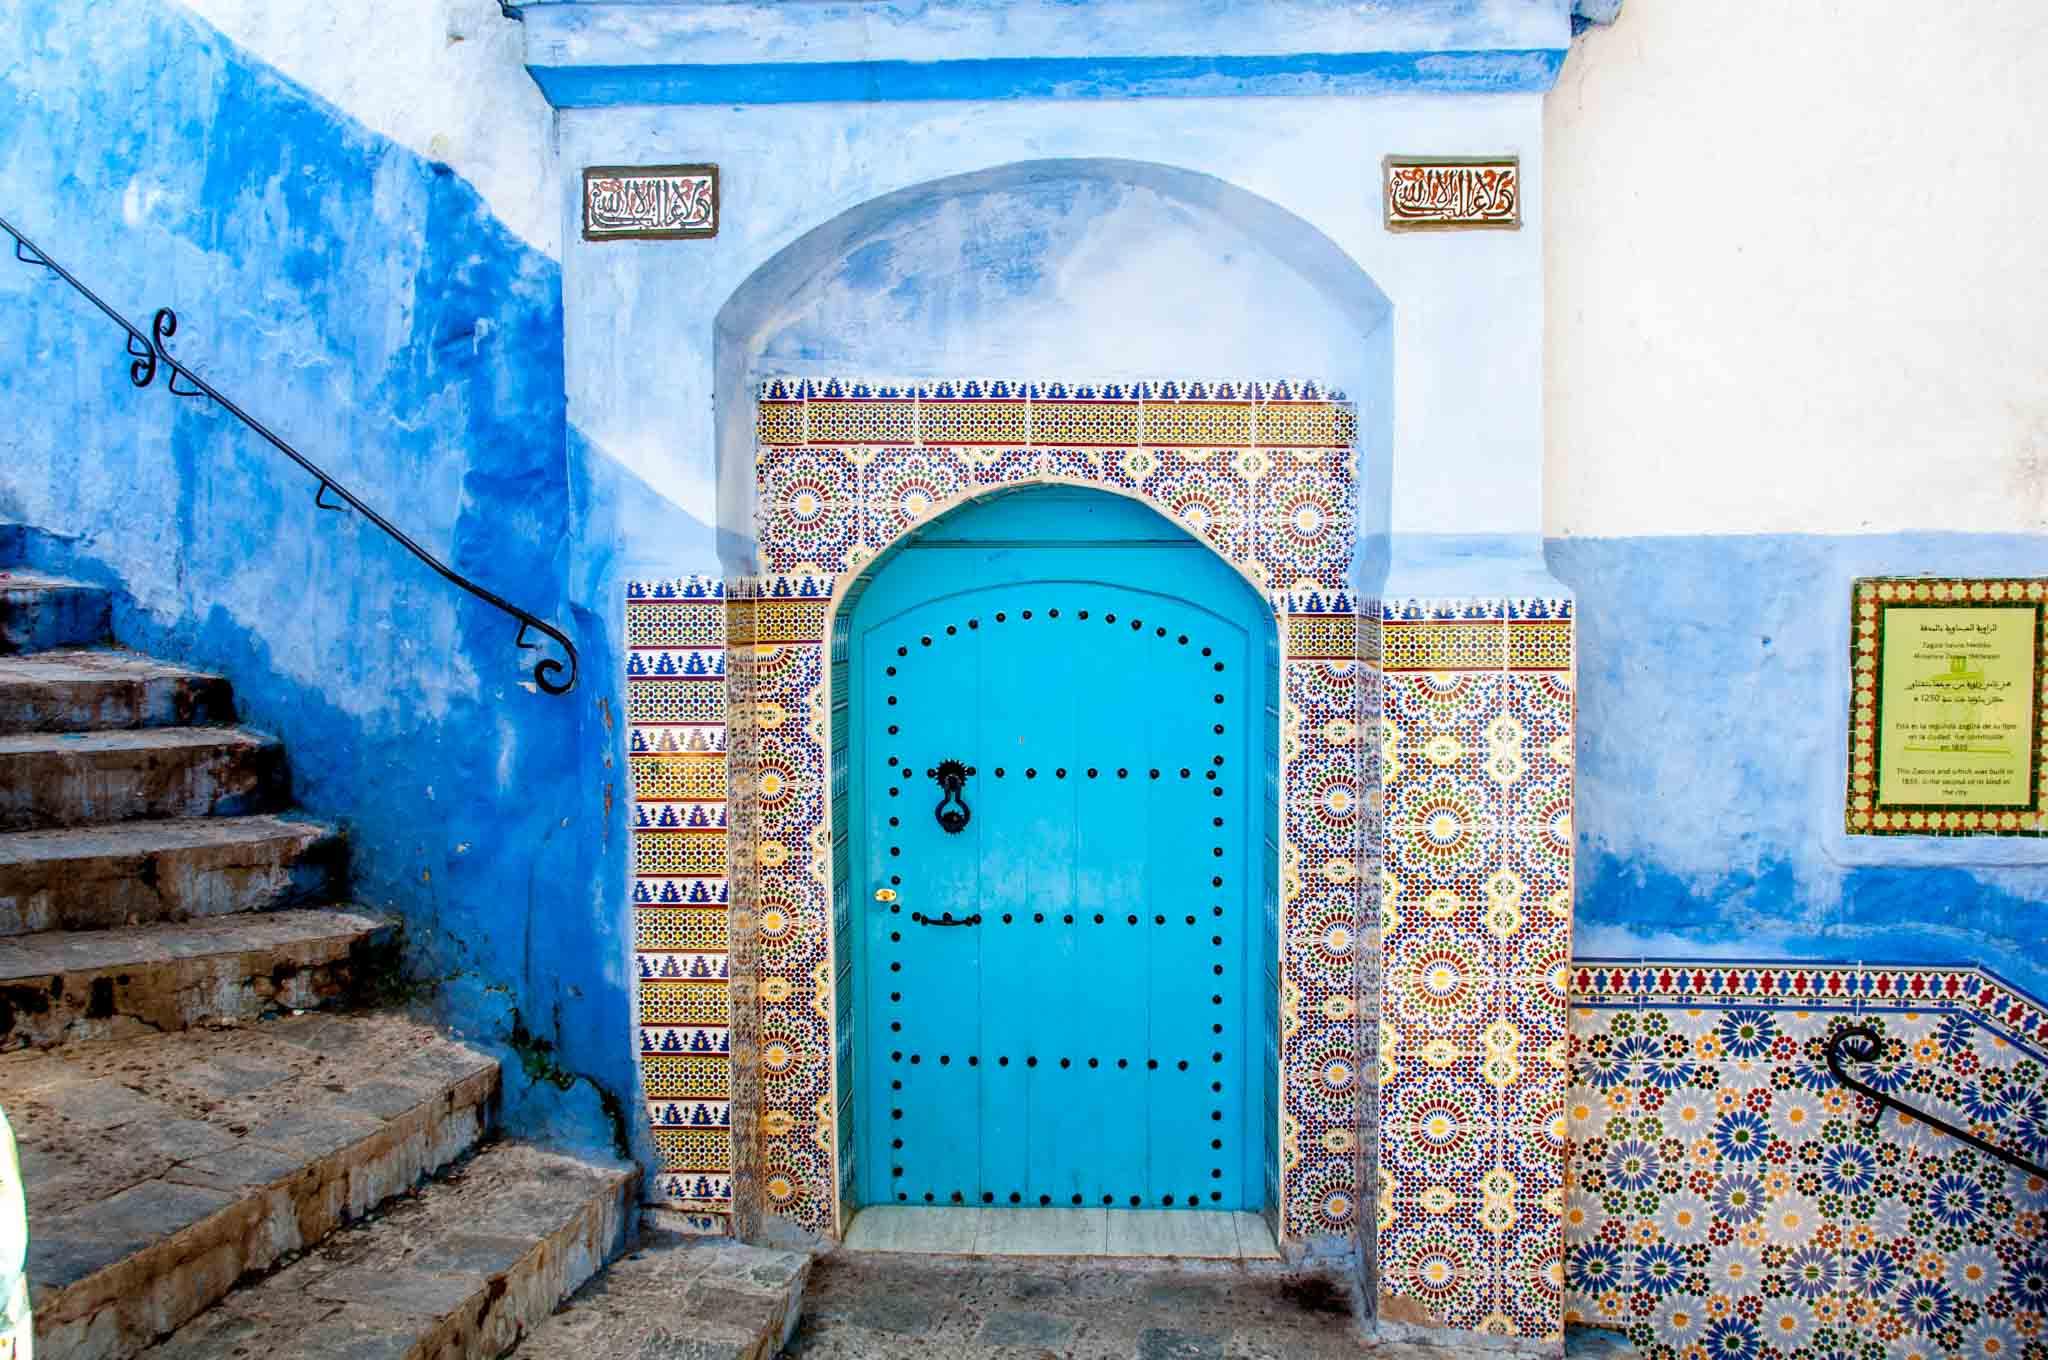 Doorway and decorative tilework